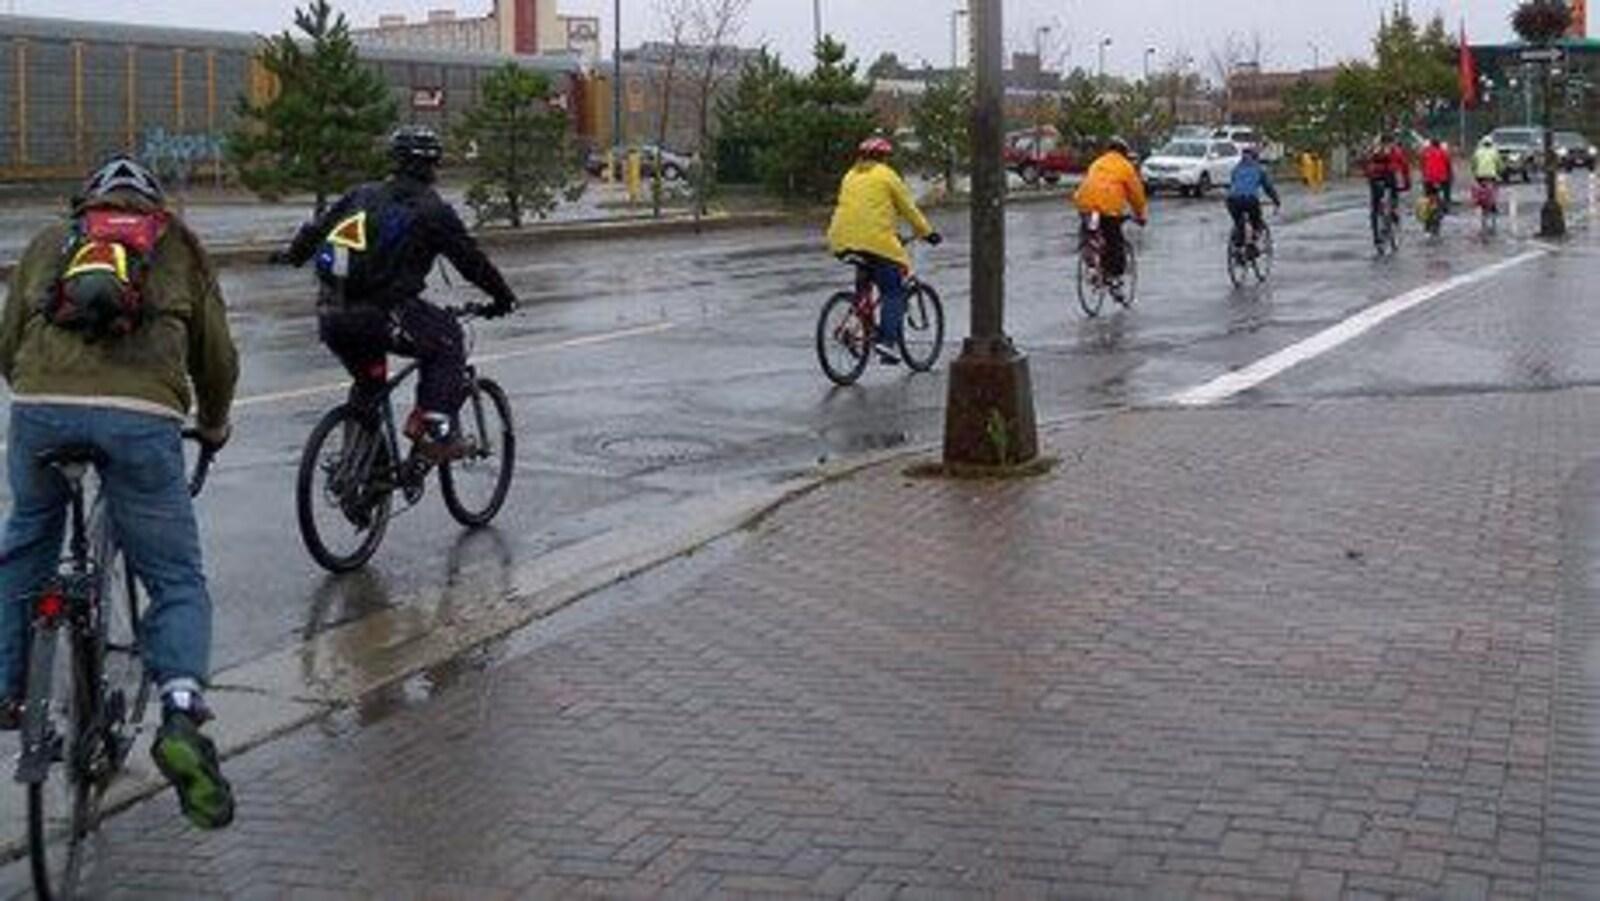 Des cyclistes sur une rue du centre-ville dans le Grand Sudbury.